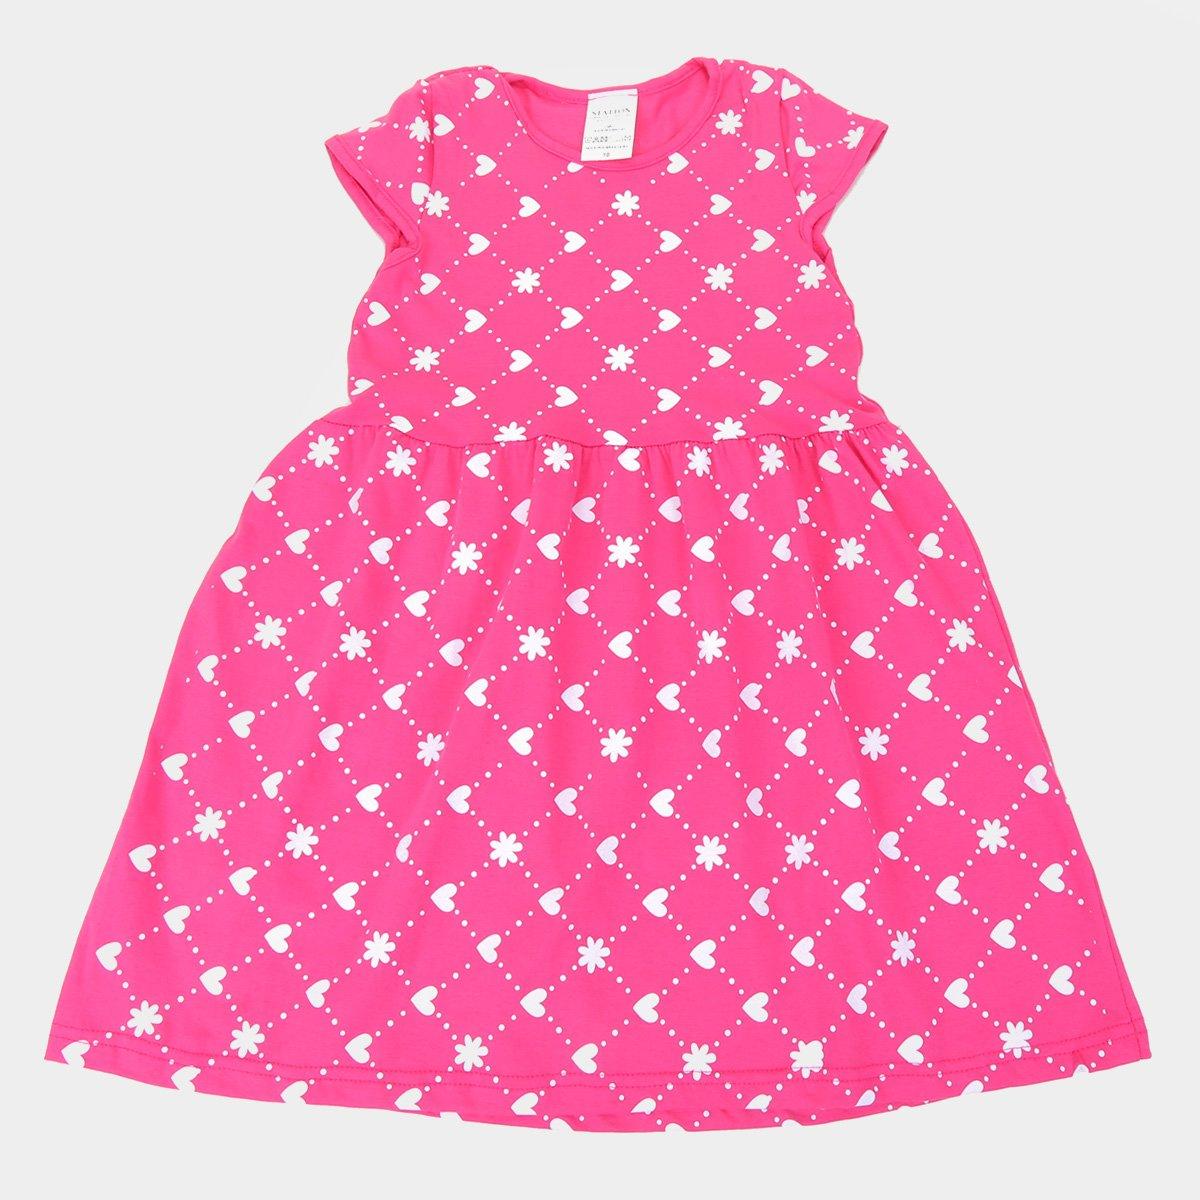 Vestido Infantil Candy Kids Corações Feminino